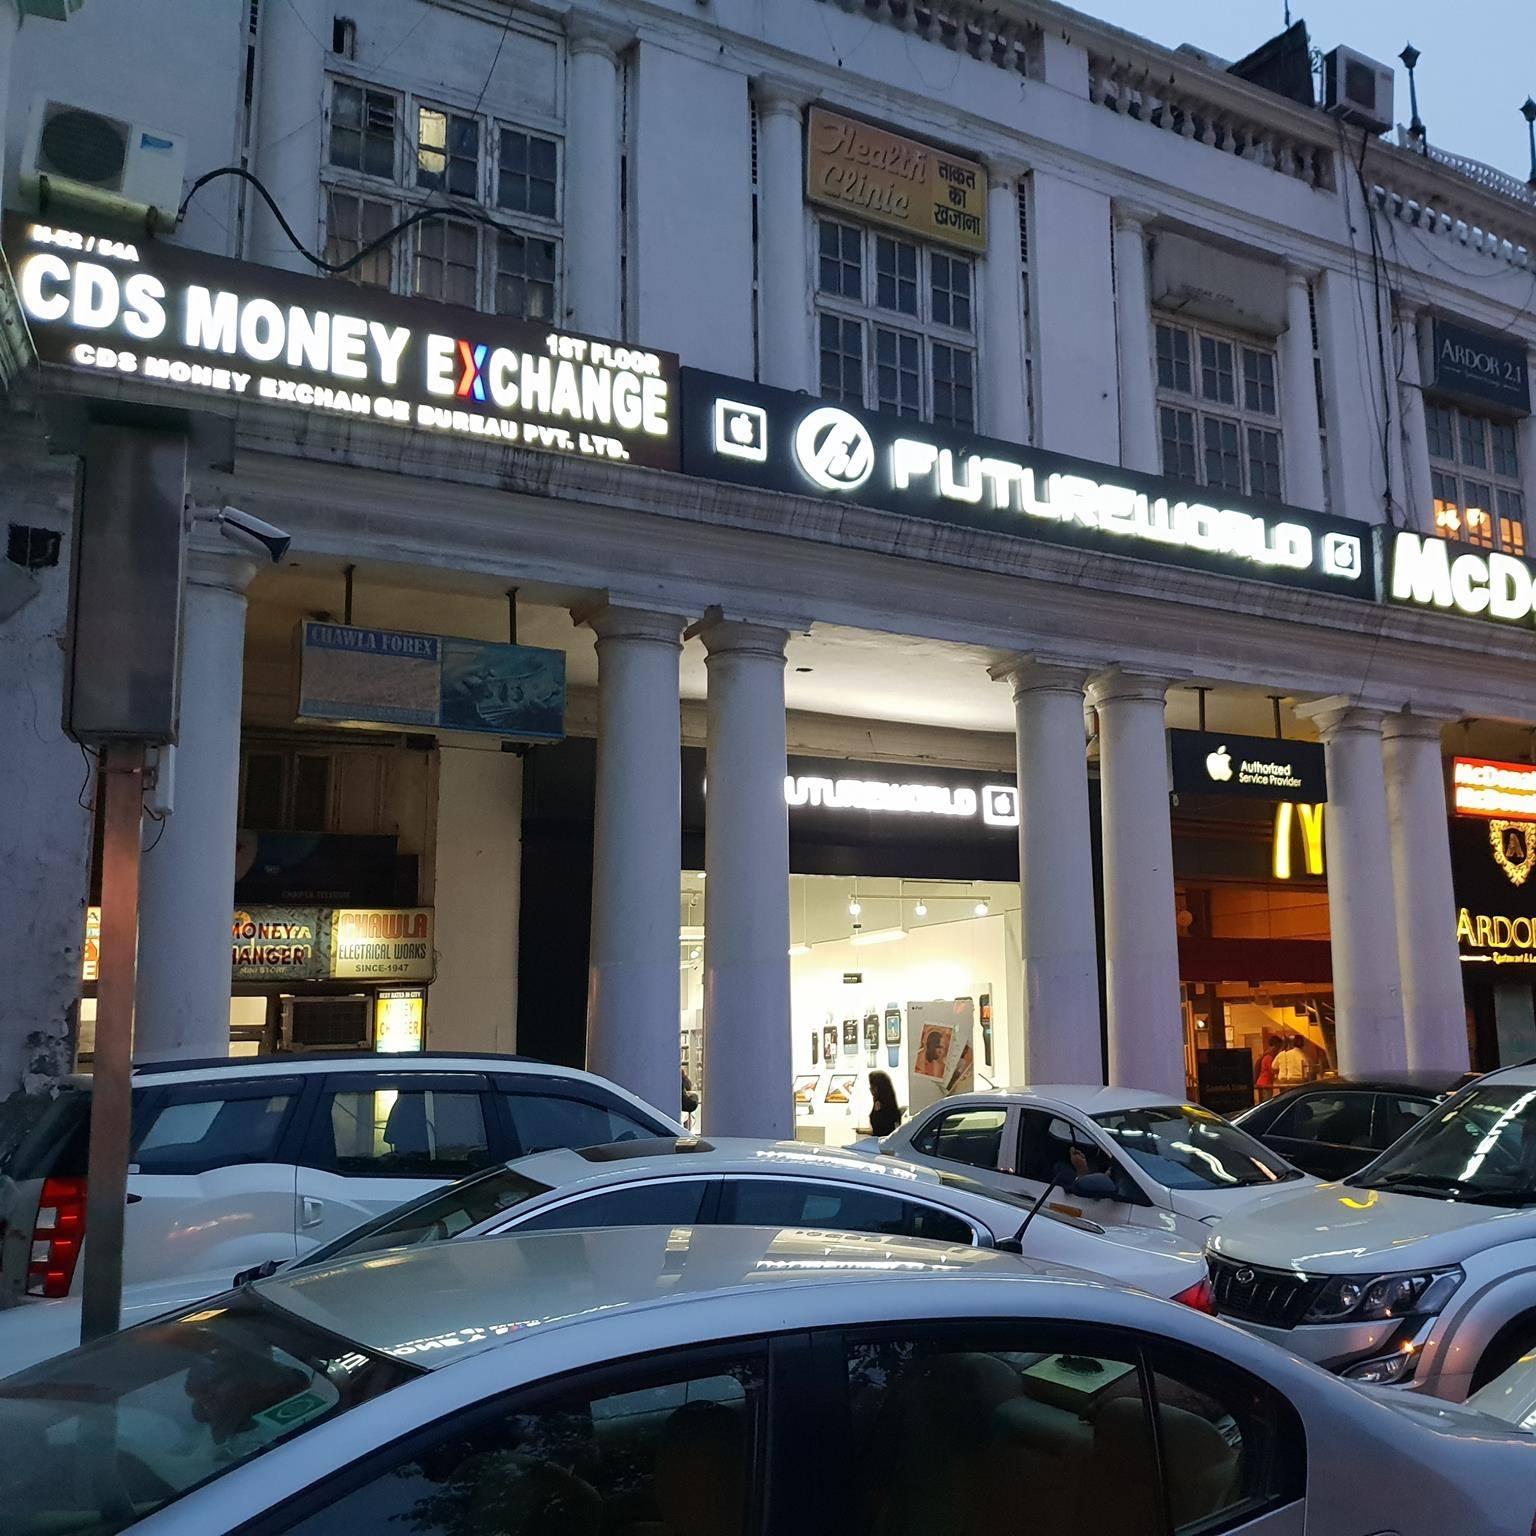 印度德里如何換錢最划算?印度錢在機場換還是市區換比較好?換錢懶人包 @東南亞投資報告